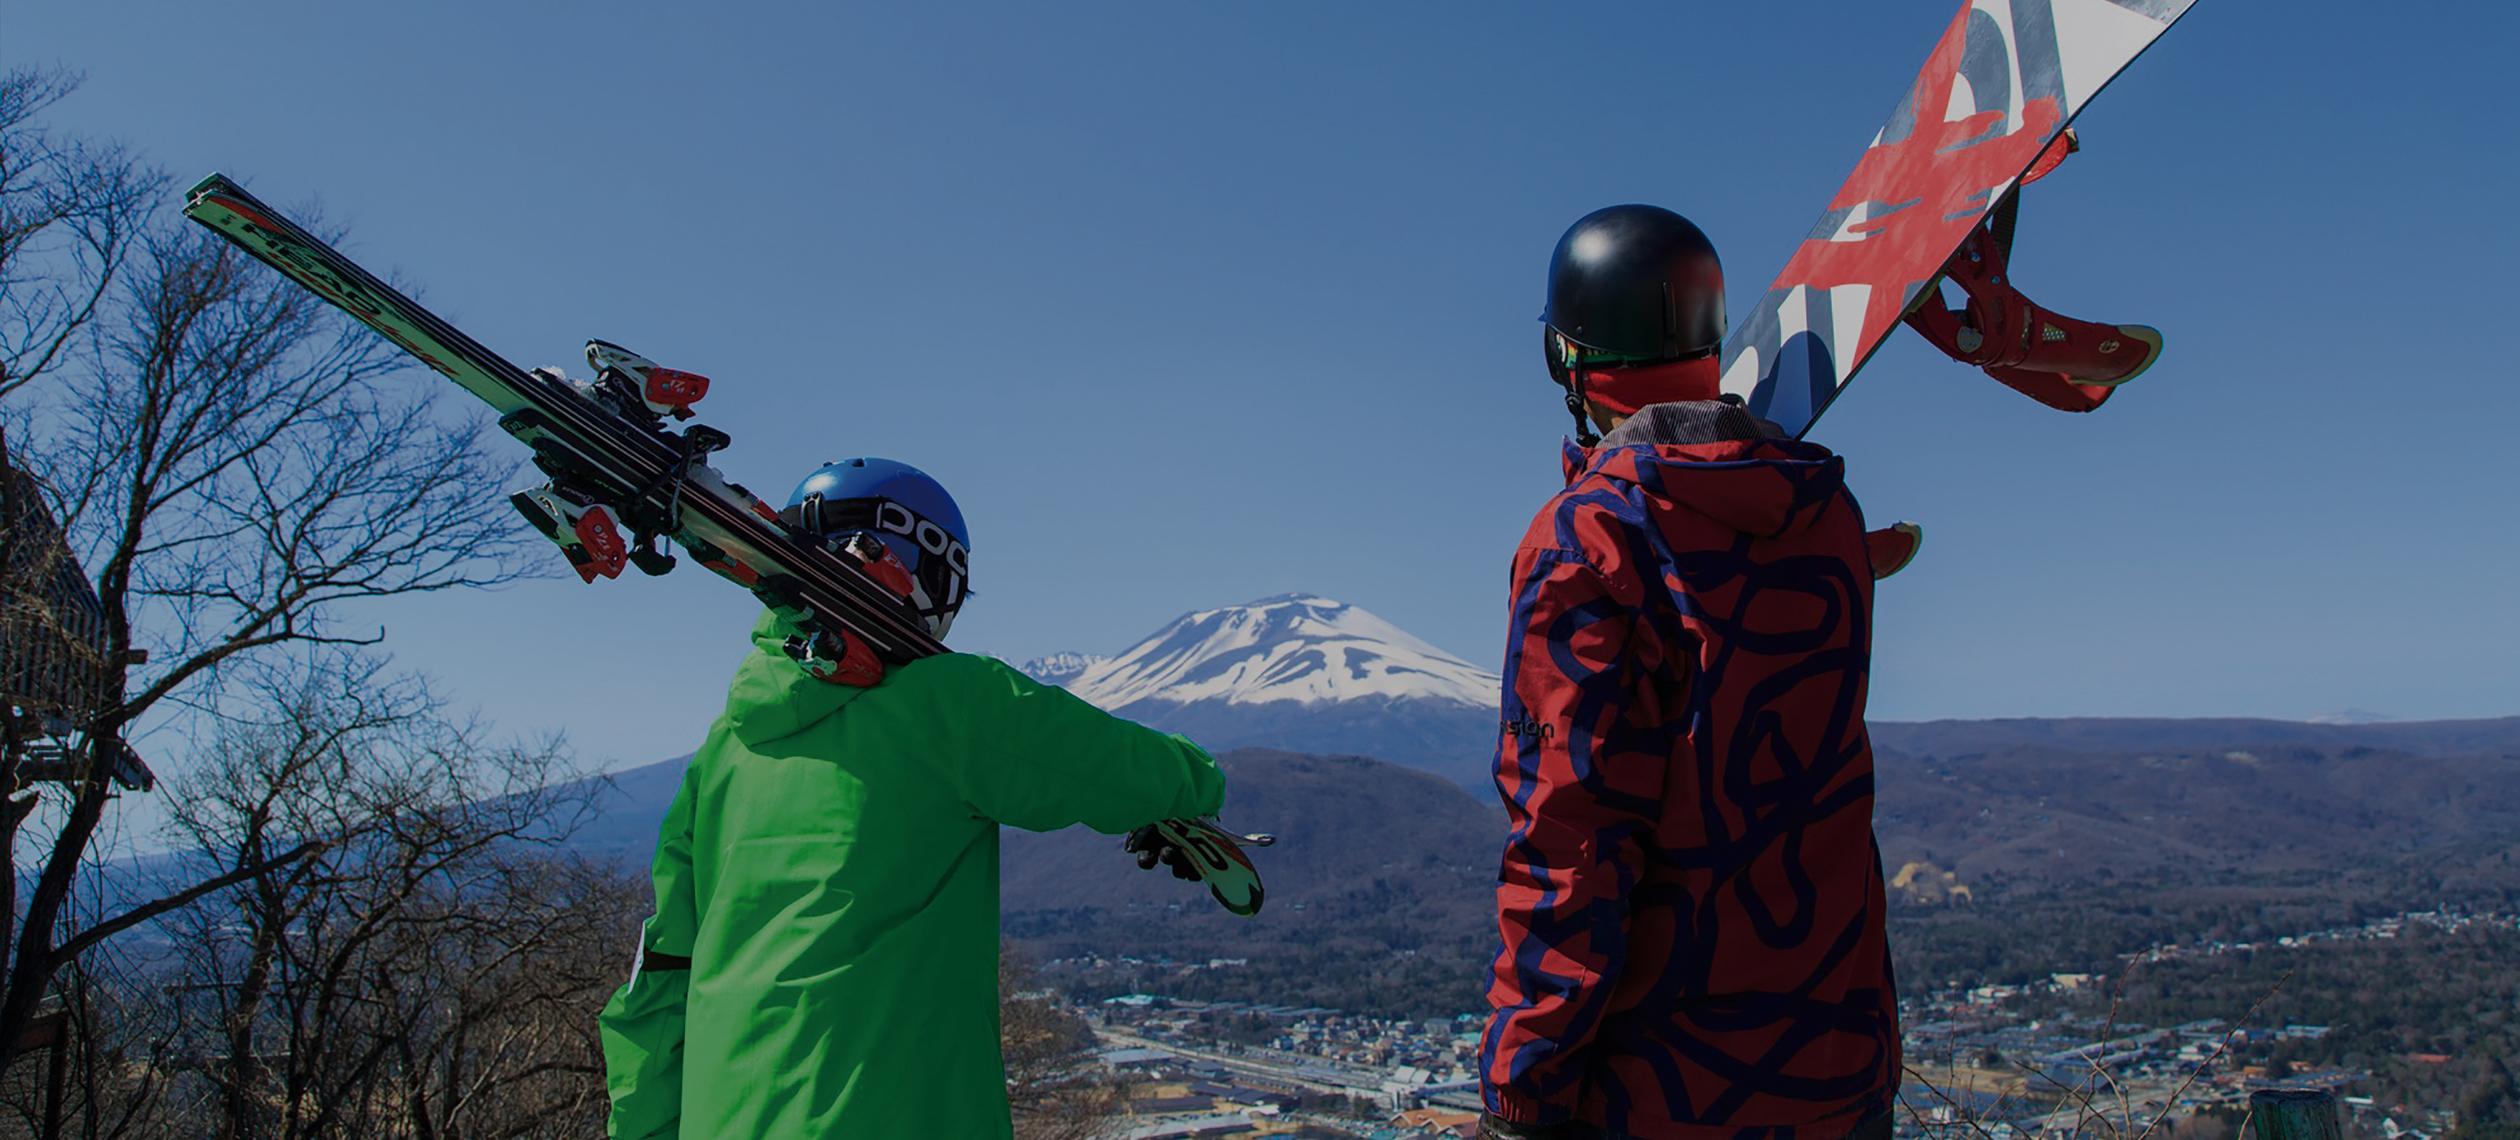 軽井沢スキー場 ライブカメラ